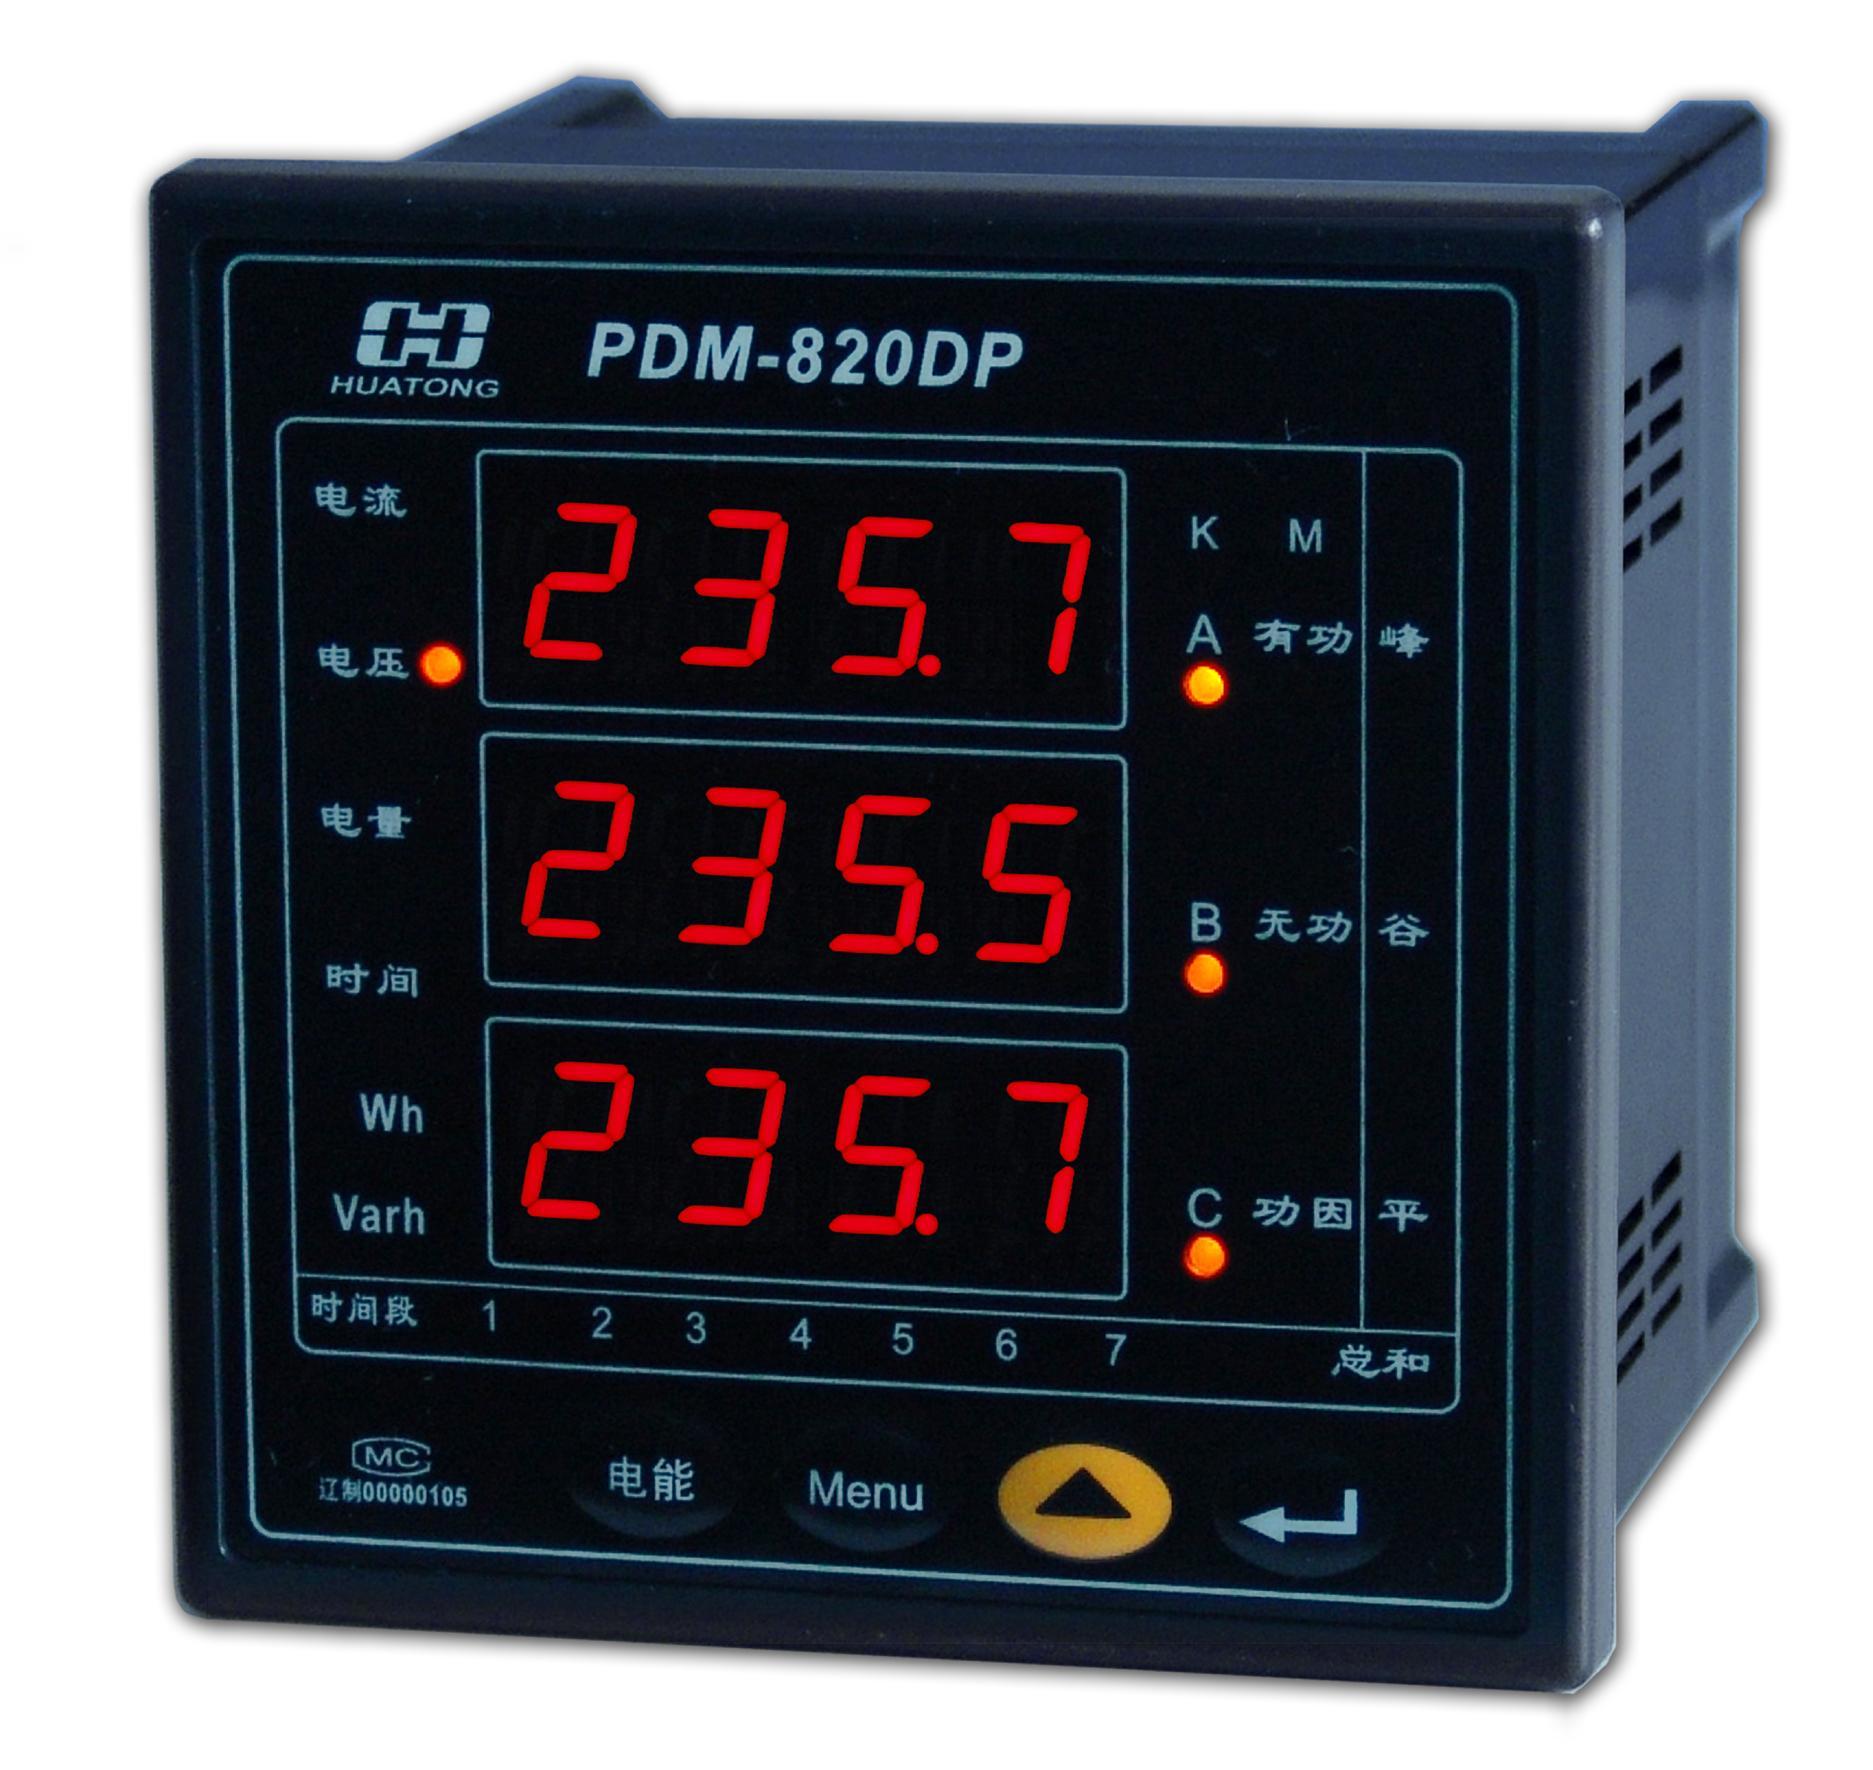 三相多功能电能表 pdm-820dp